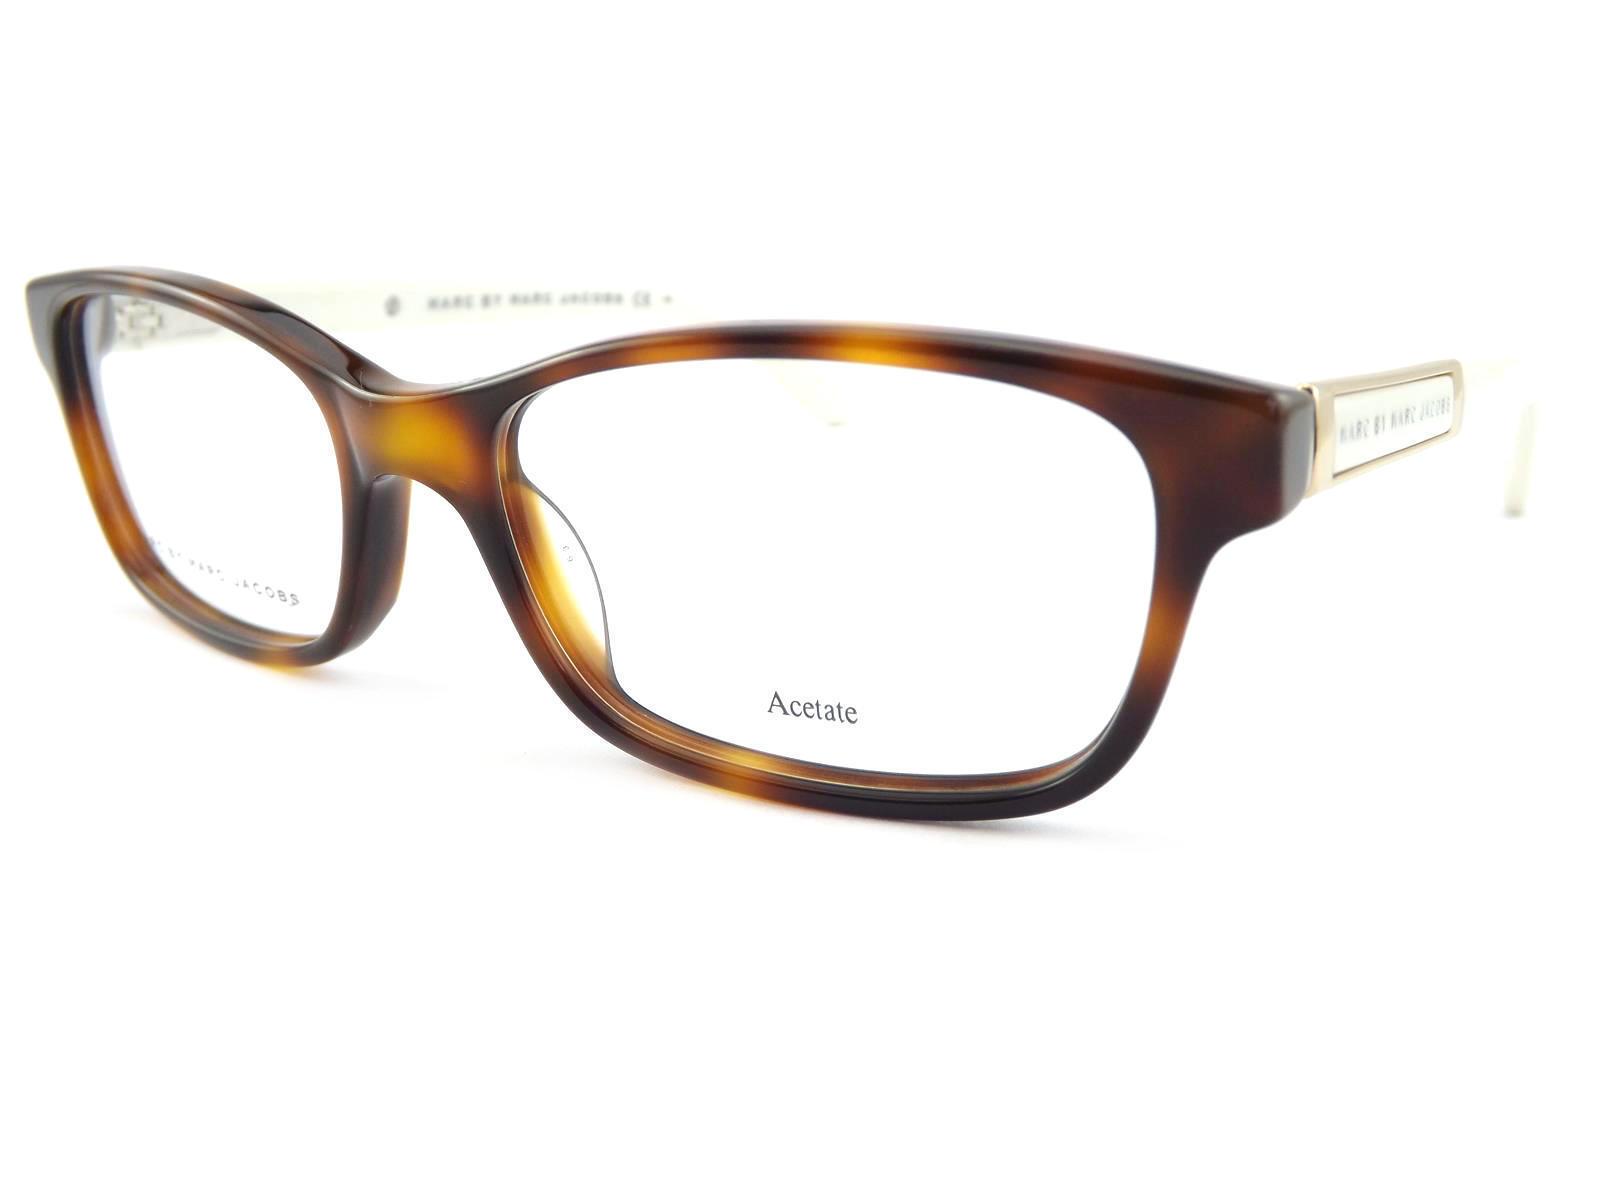 c9fa2502aa5 Marc Jacobs MMJ Womens Brown Tortoise 51mm Optical RX Glasses Frame ...